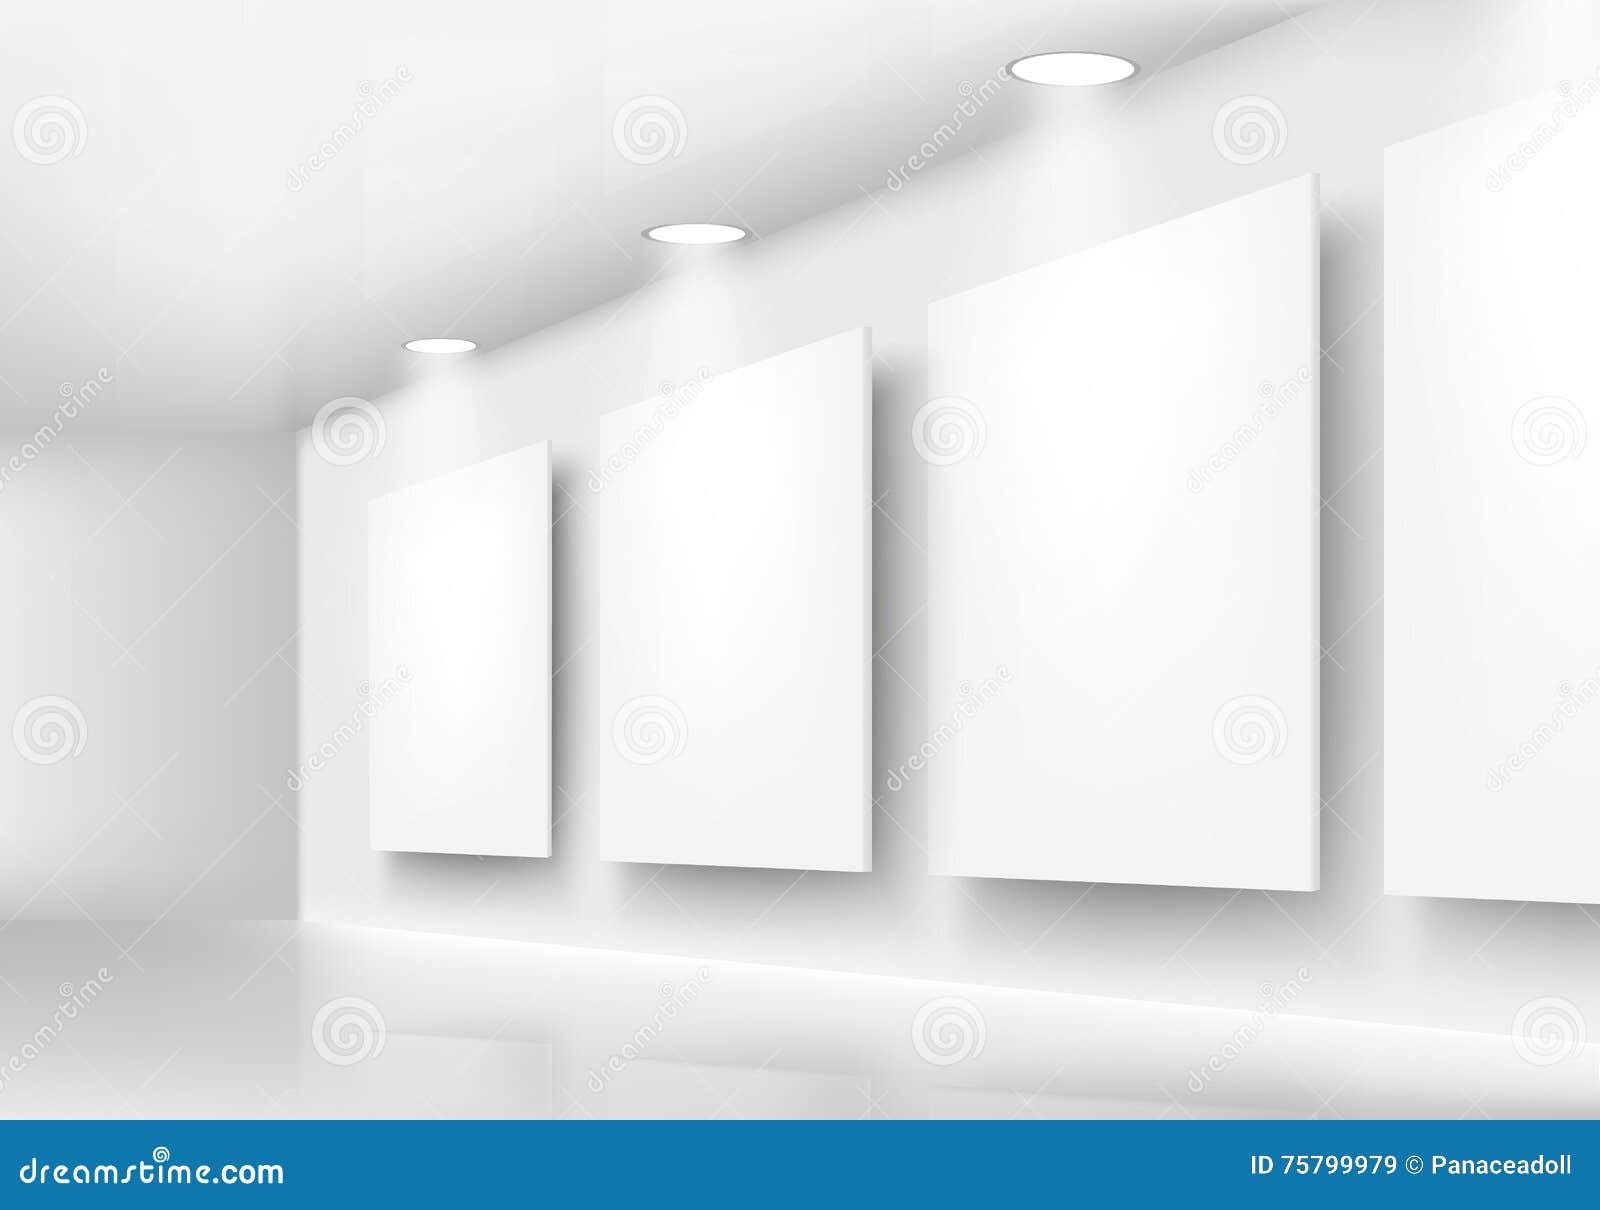 Download Galerie Von Leeren Rahmen Auf Wand Mit Beleuchtung Stock Abbildung    Illustration Von Auslegung,